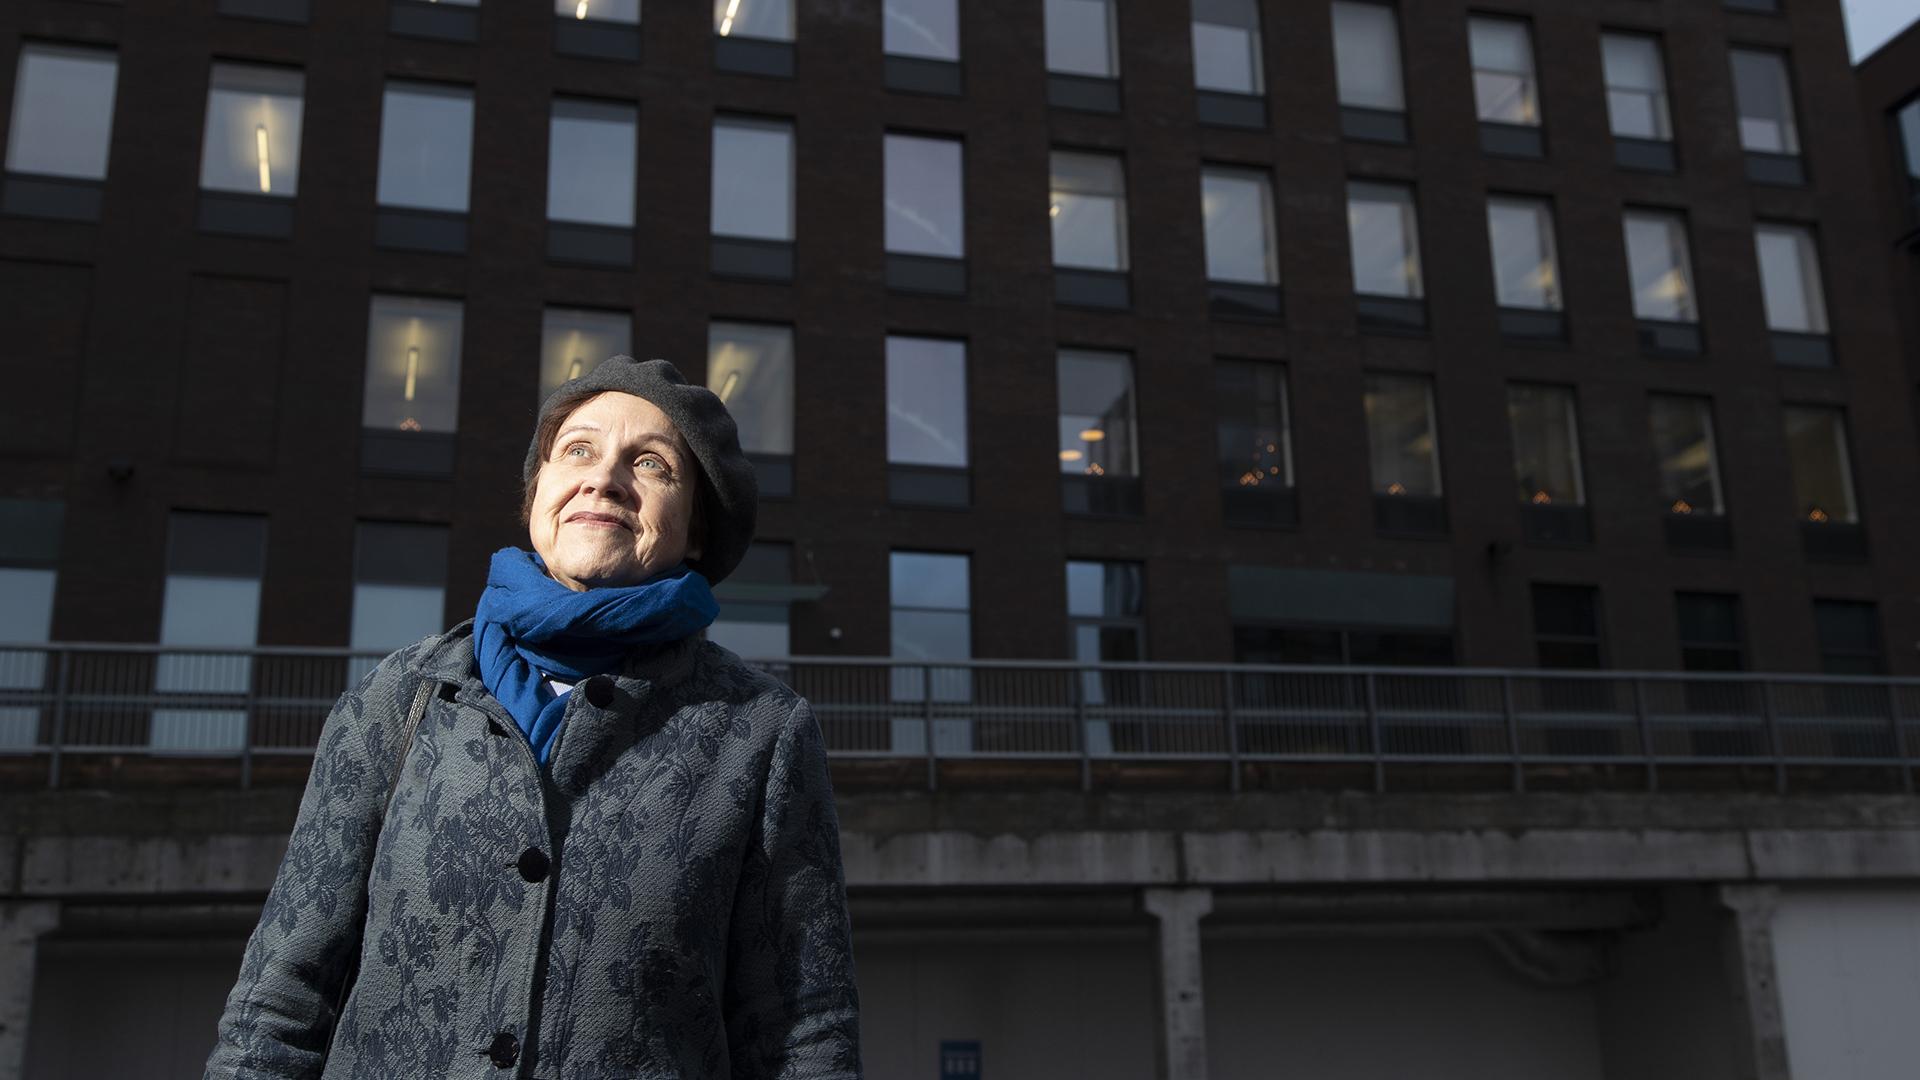 Kirjailija Virpi Hämeen-Anttila kärsi syömishäiriöstä nuorena. Laihduttaminen on ollut hänelle tuttua.